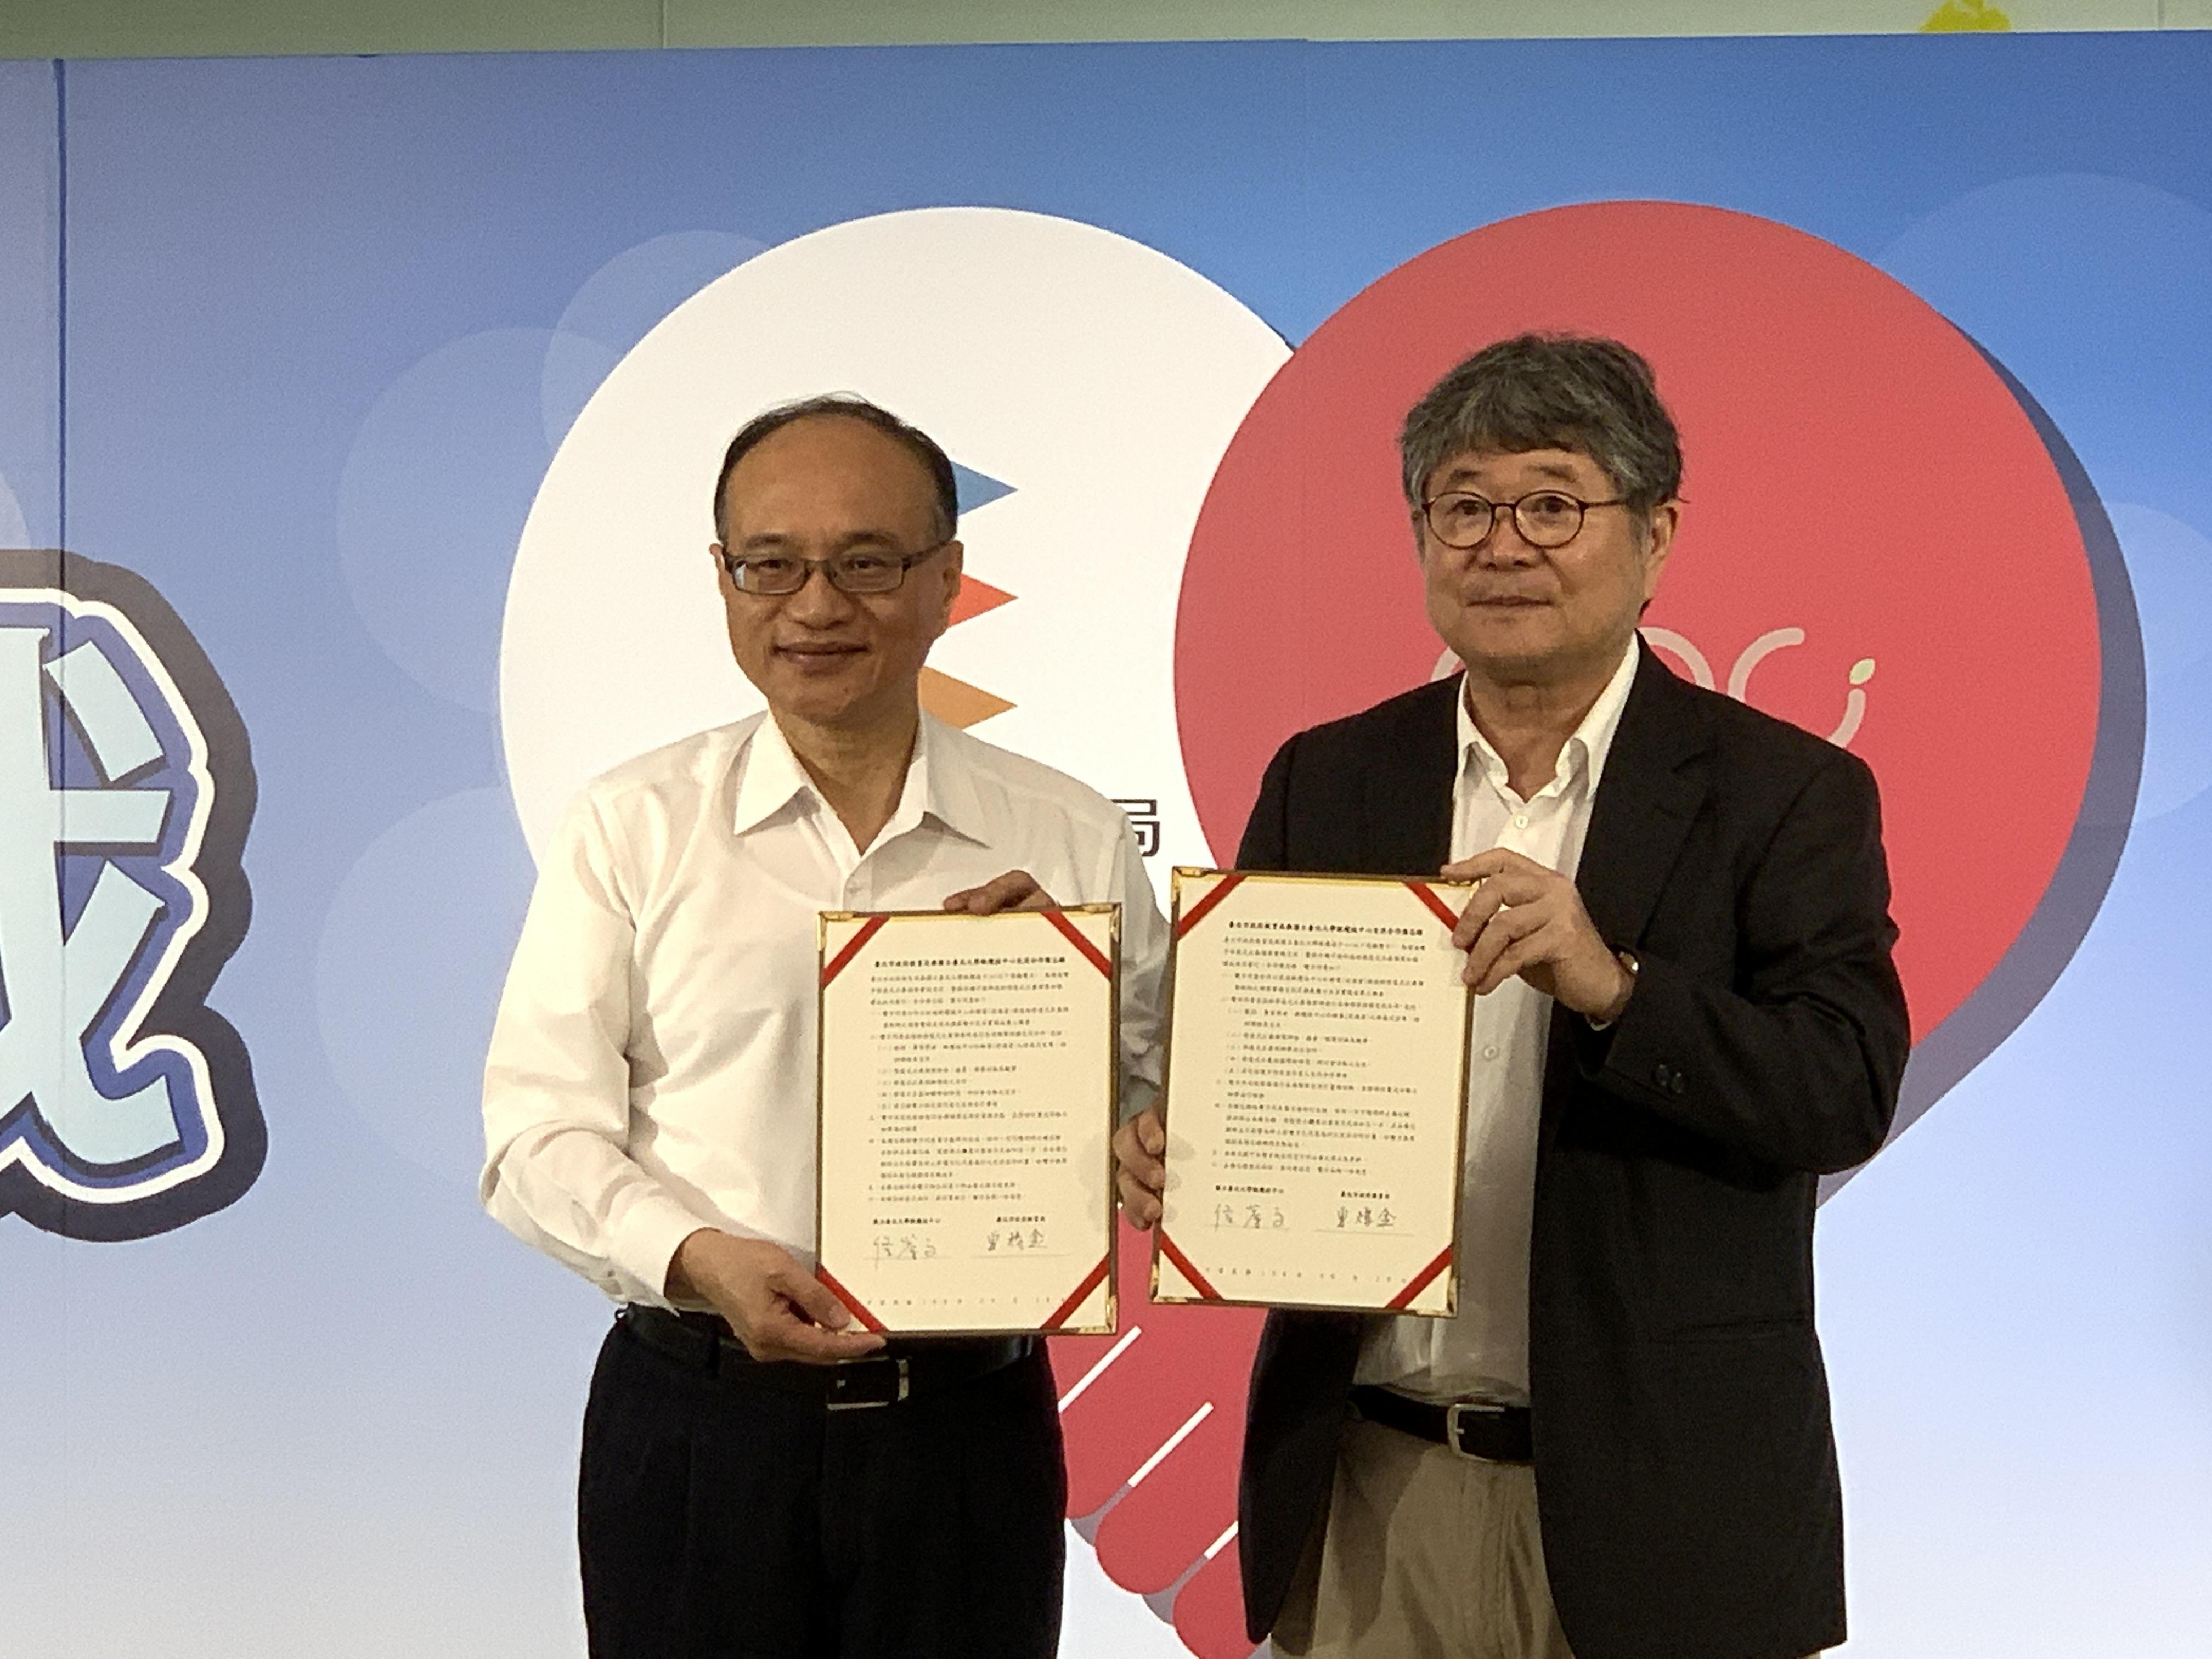 「修復你我 攜手同行」橄欖枝中心與臺北市政府教育局簽署MOU